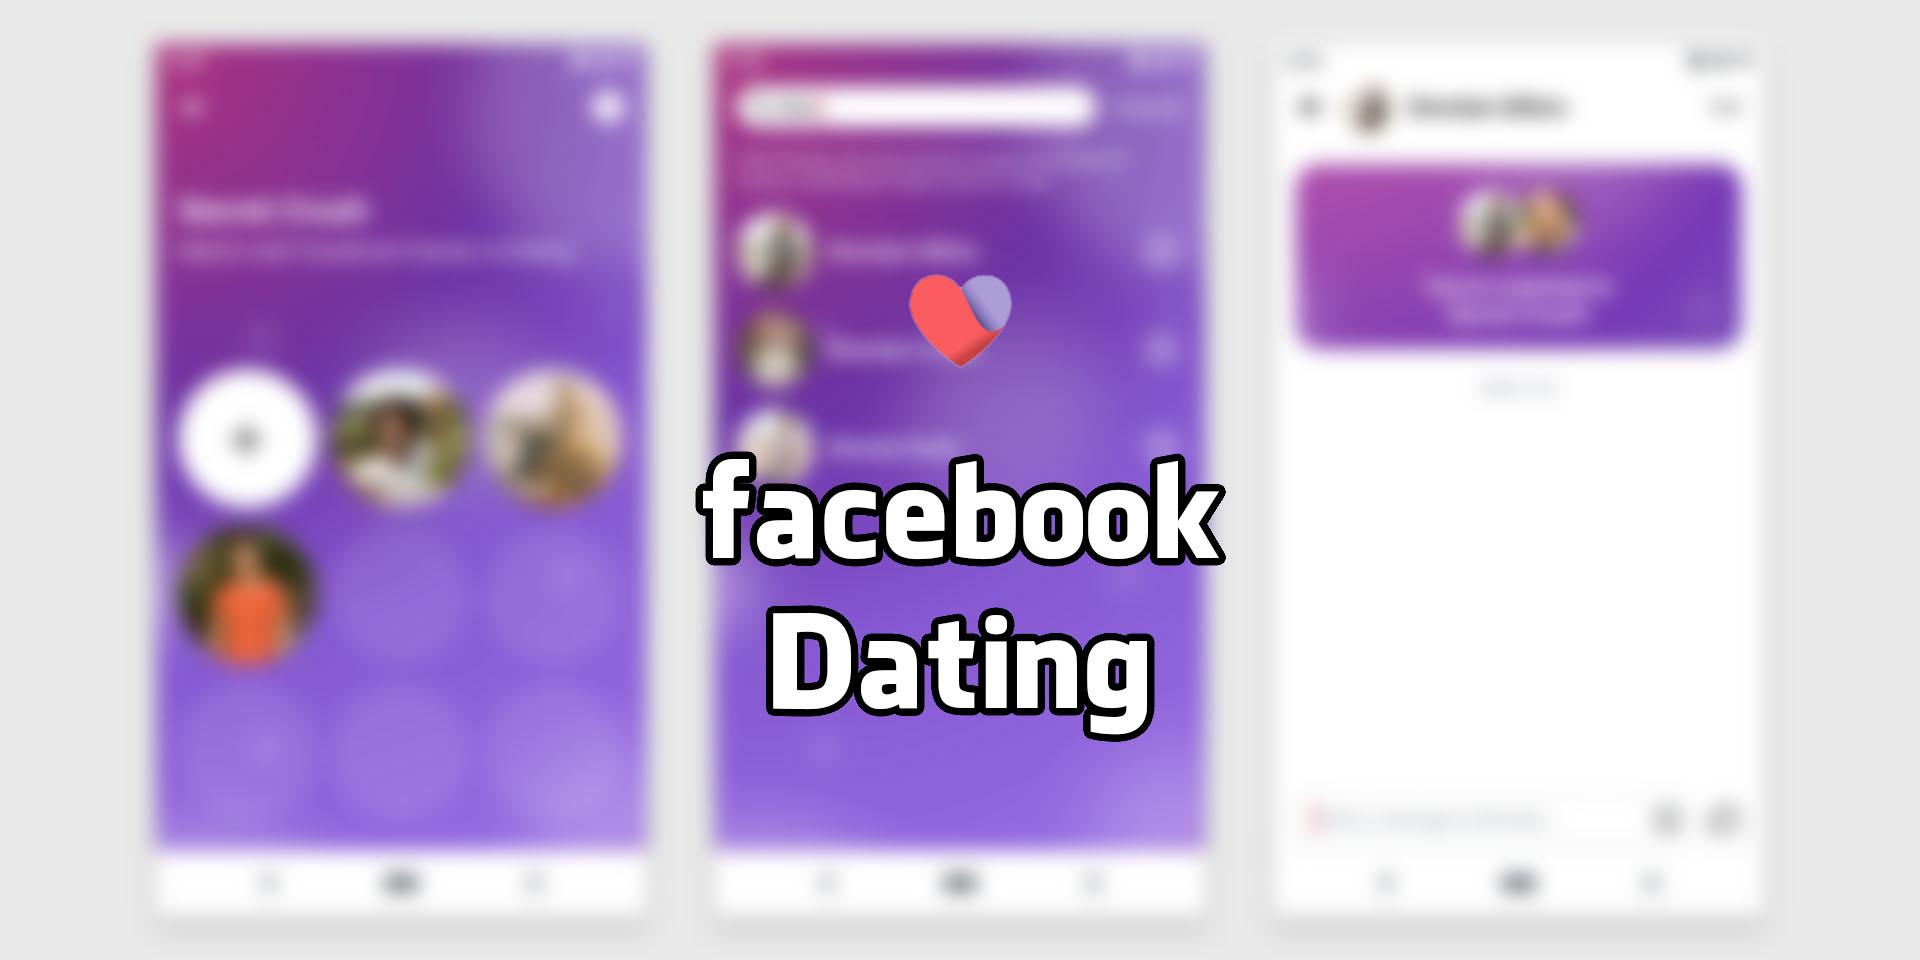 ei Nightfall lakko on matchmaking